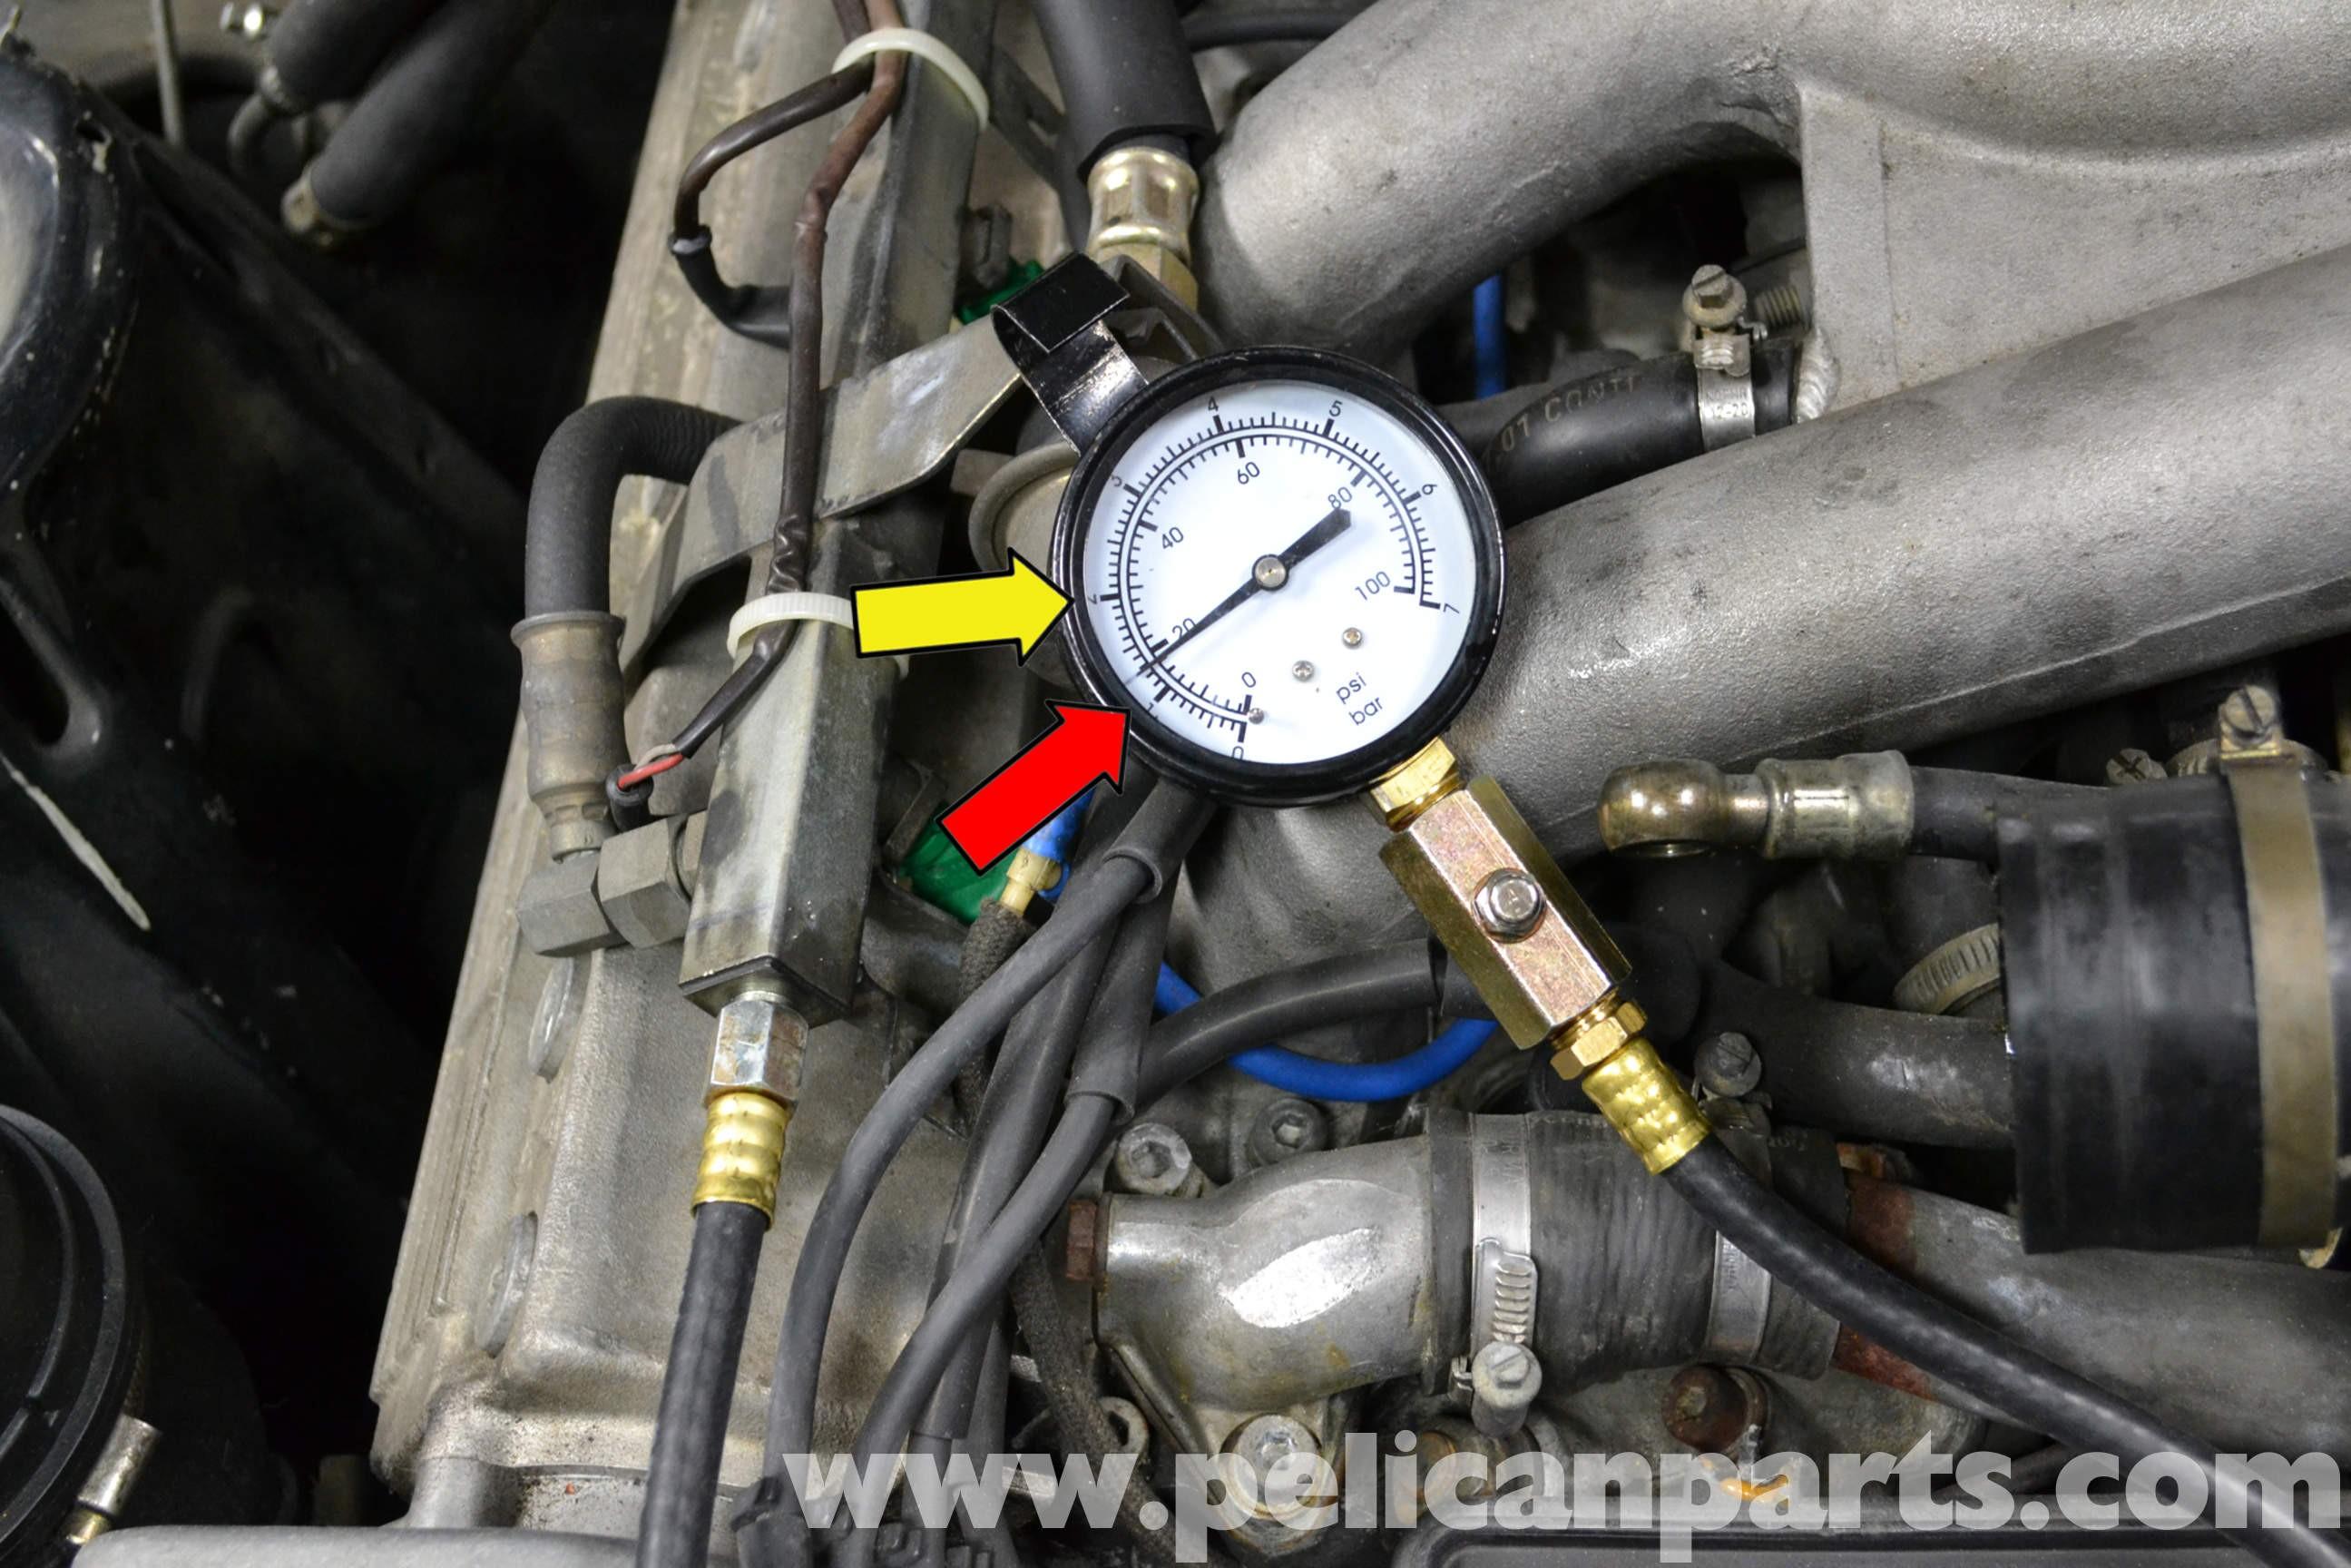 porsche 944 engine diagram porsche 944 turbo fuel system pressure tests  1986 1991 of porsche 944